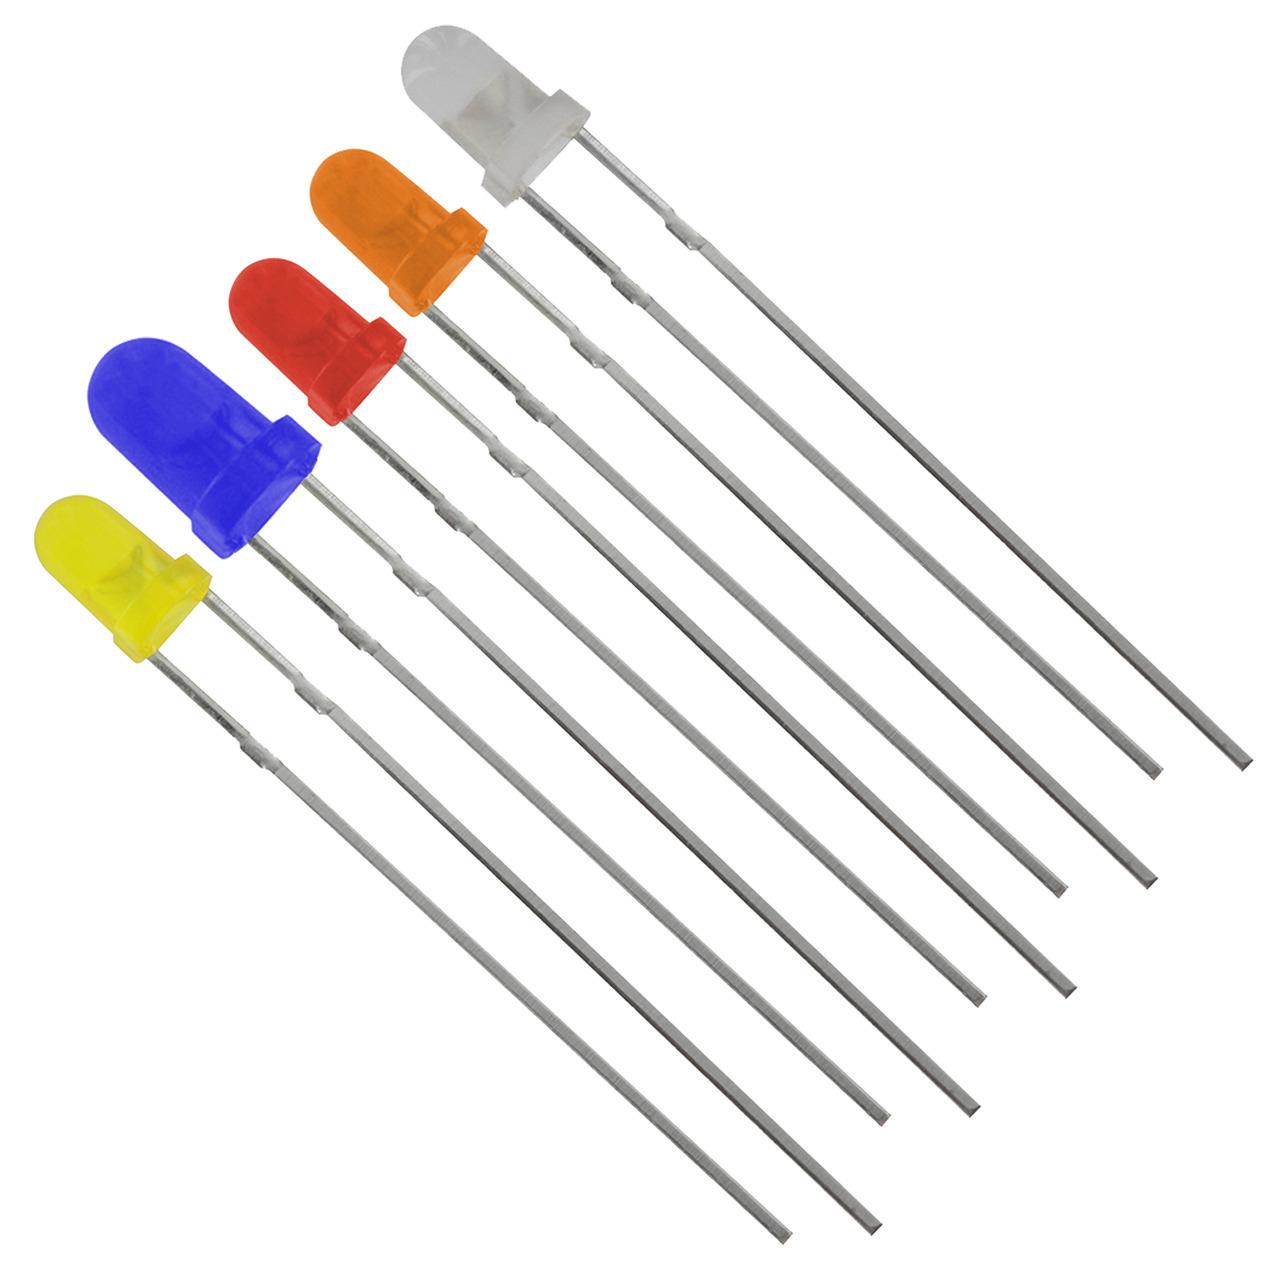 LED Set für SBS-Bausatz (114x weiss- 30x blau- 30x rot- 11x orange- 2x gelb)